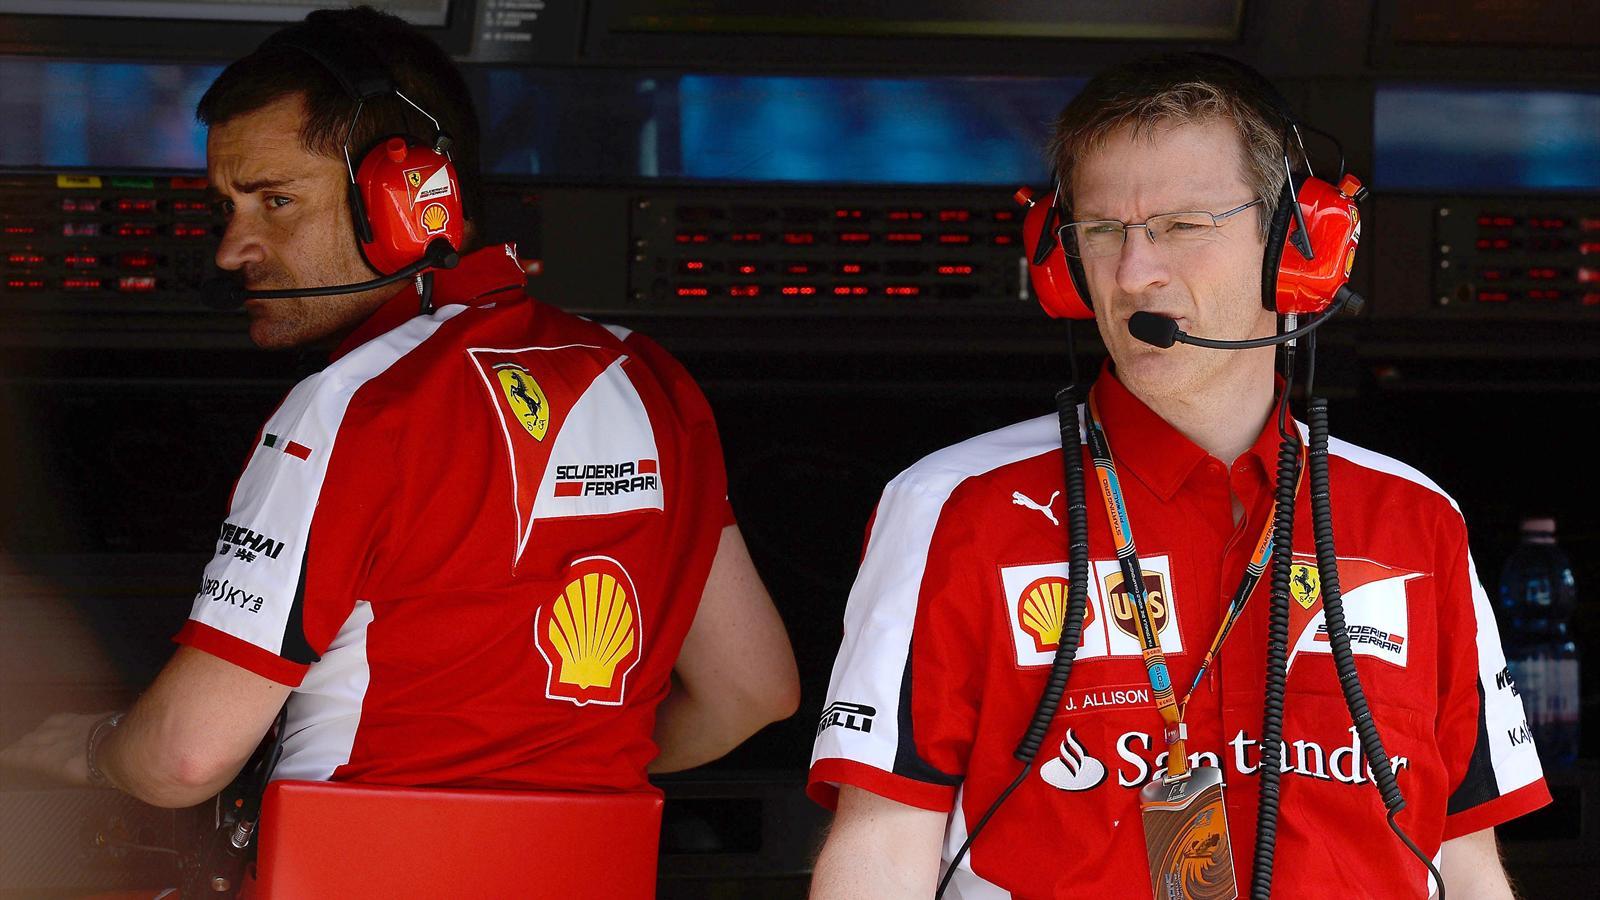 Spécial Sebastian Vettel (Formule un) - Page 18 1435548-30707854-1600-900